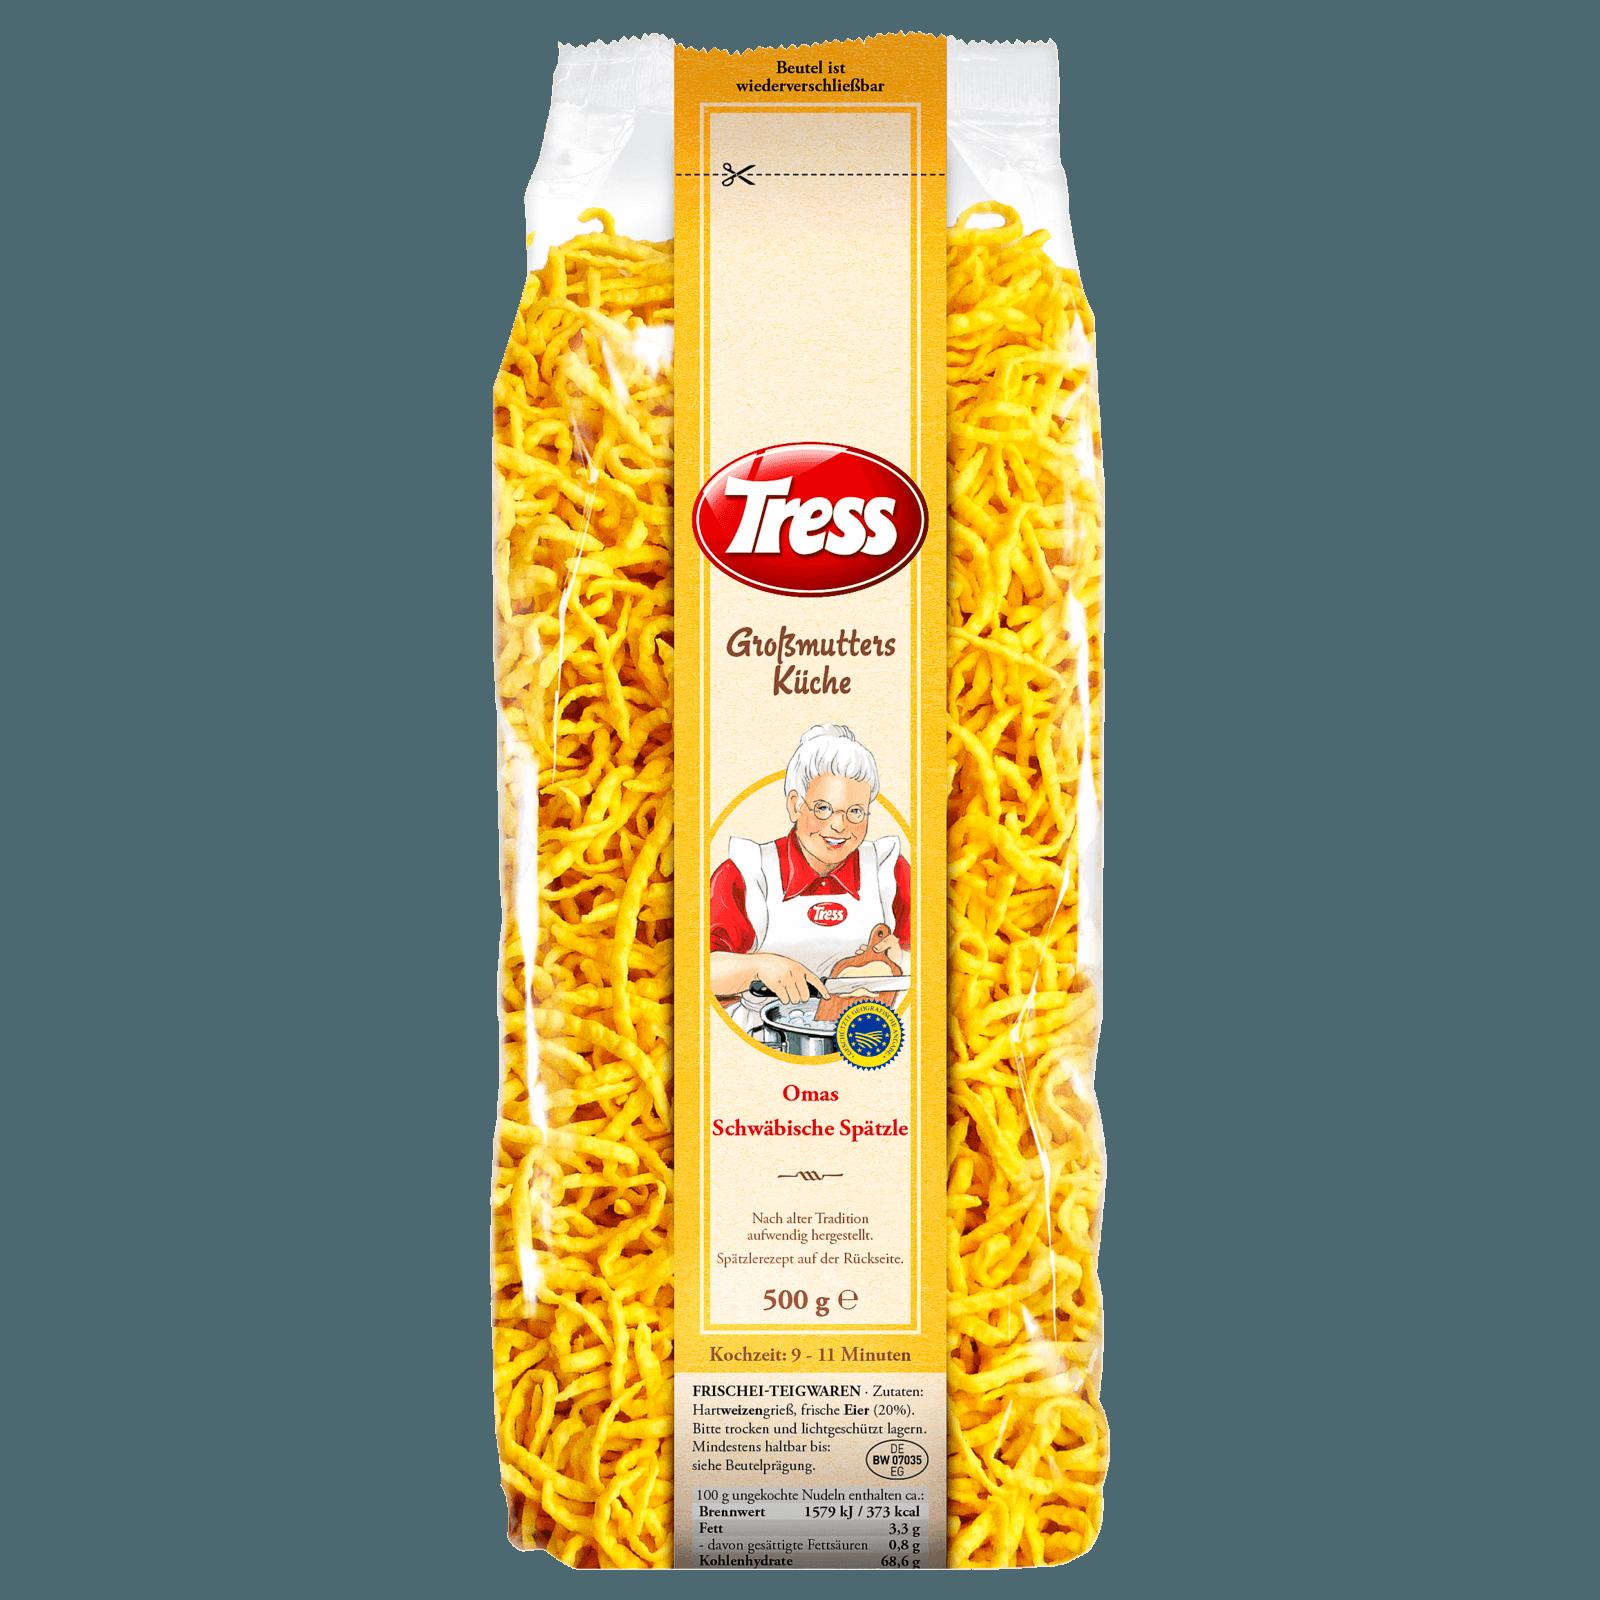 Tress Großmutters Küche Oma's Schwäbische Spätzle 500g